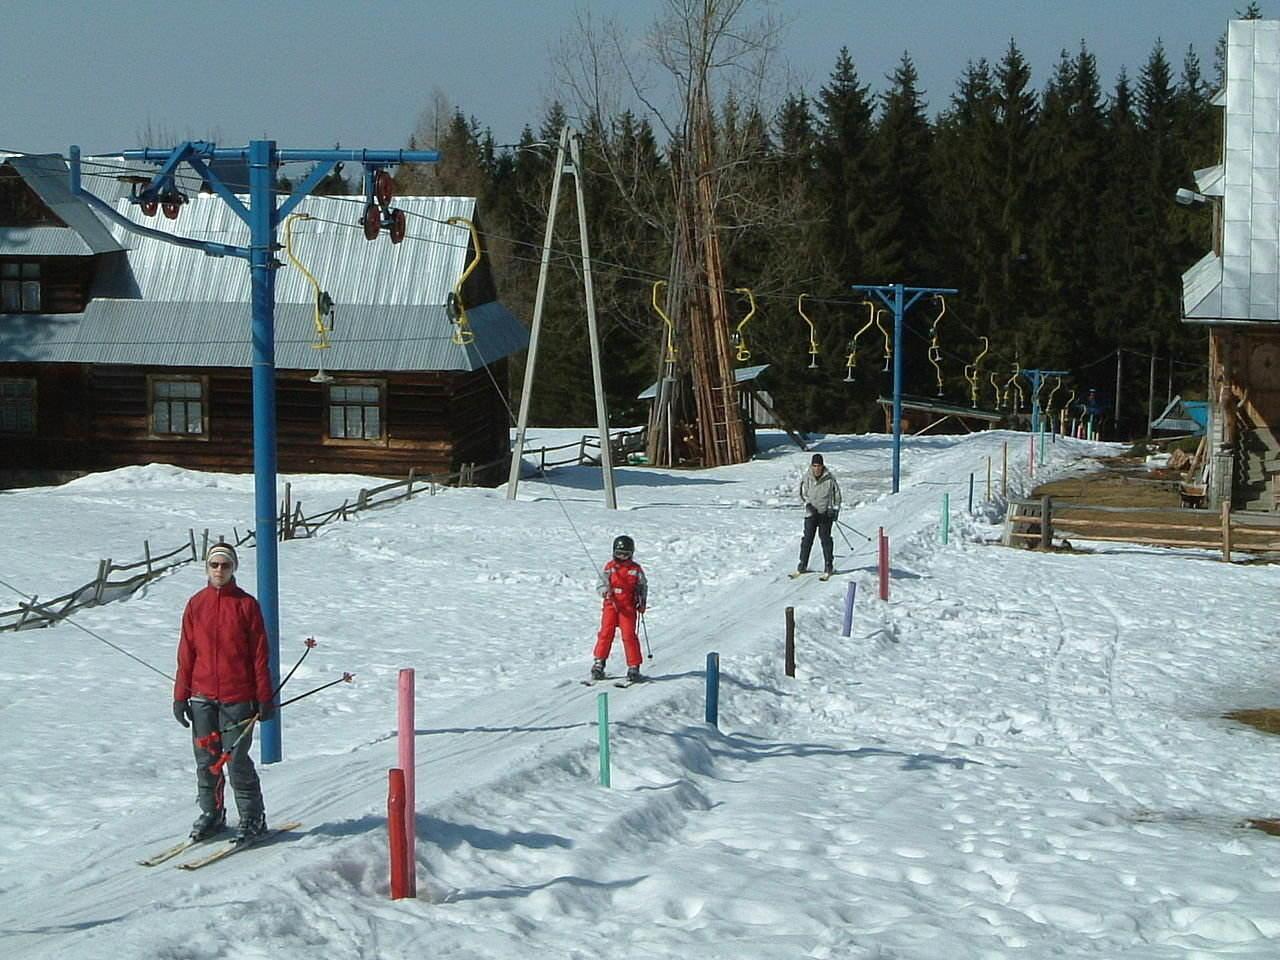 Zakopane - Gubalowka Hill a nursery ski run